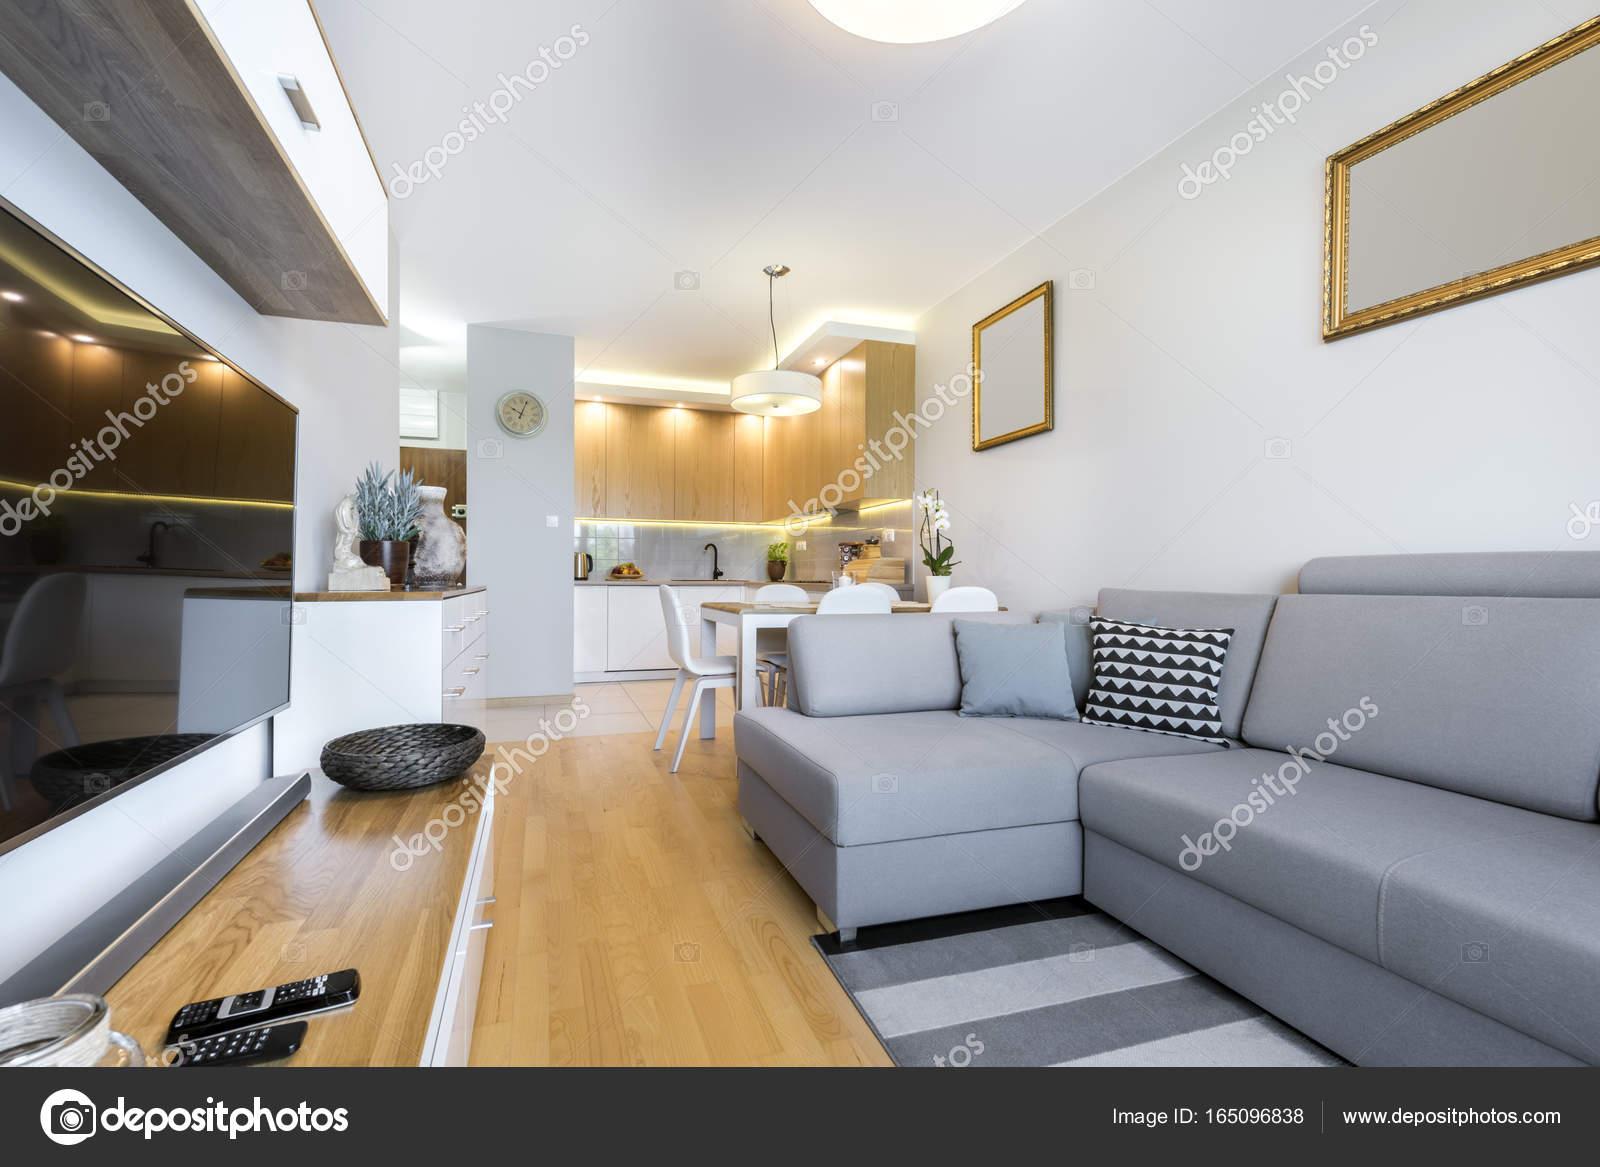 AuBergewohnlich Moderne Innenarchitektur Wohnzimmer U2014 Stockfoto